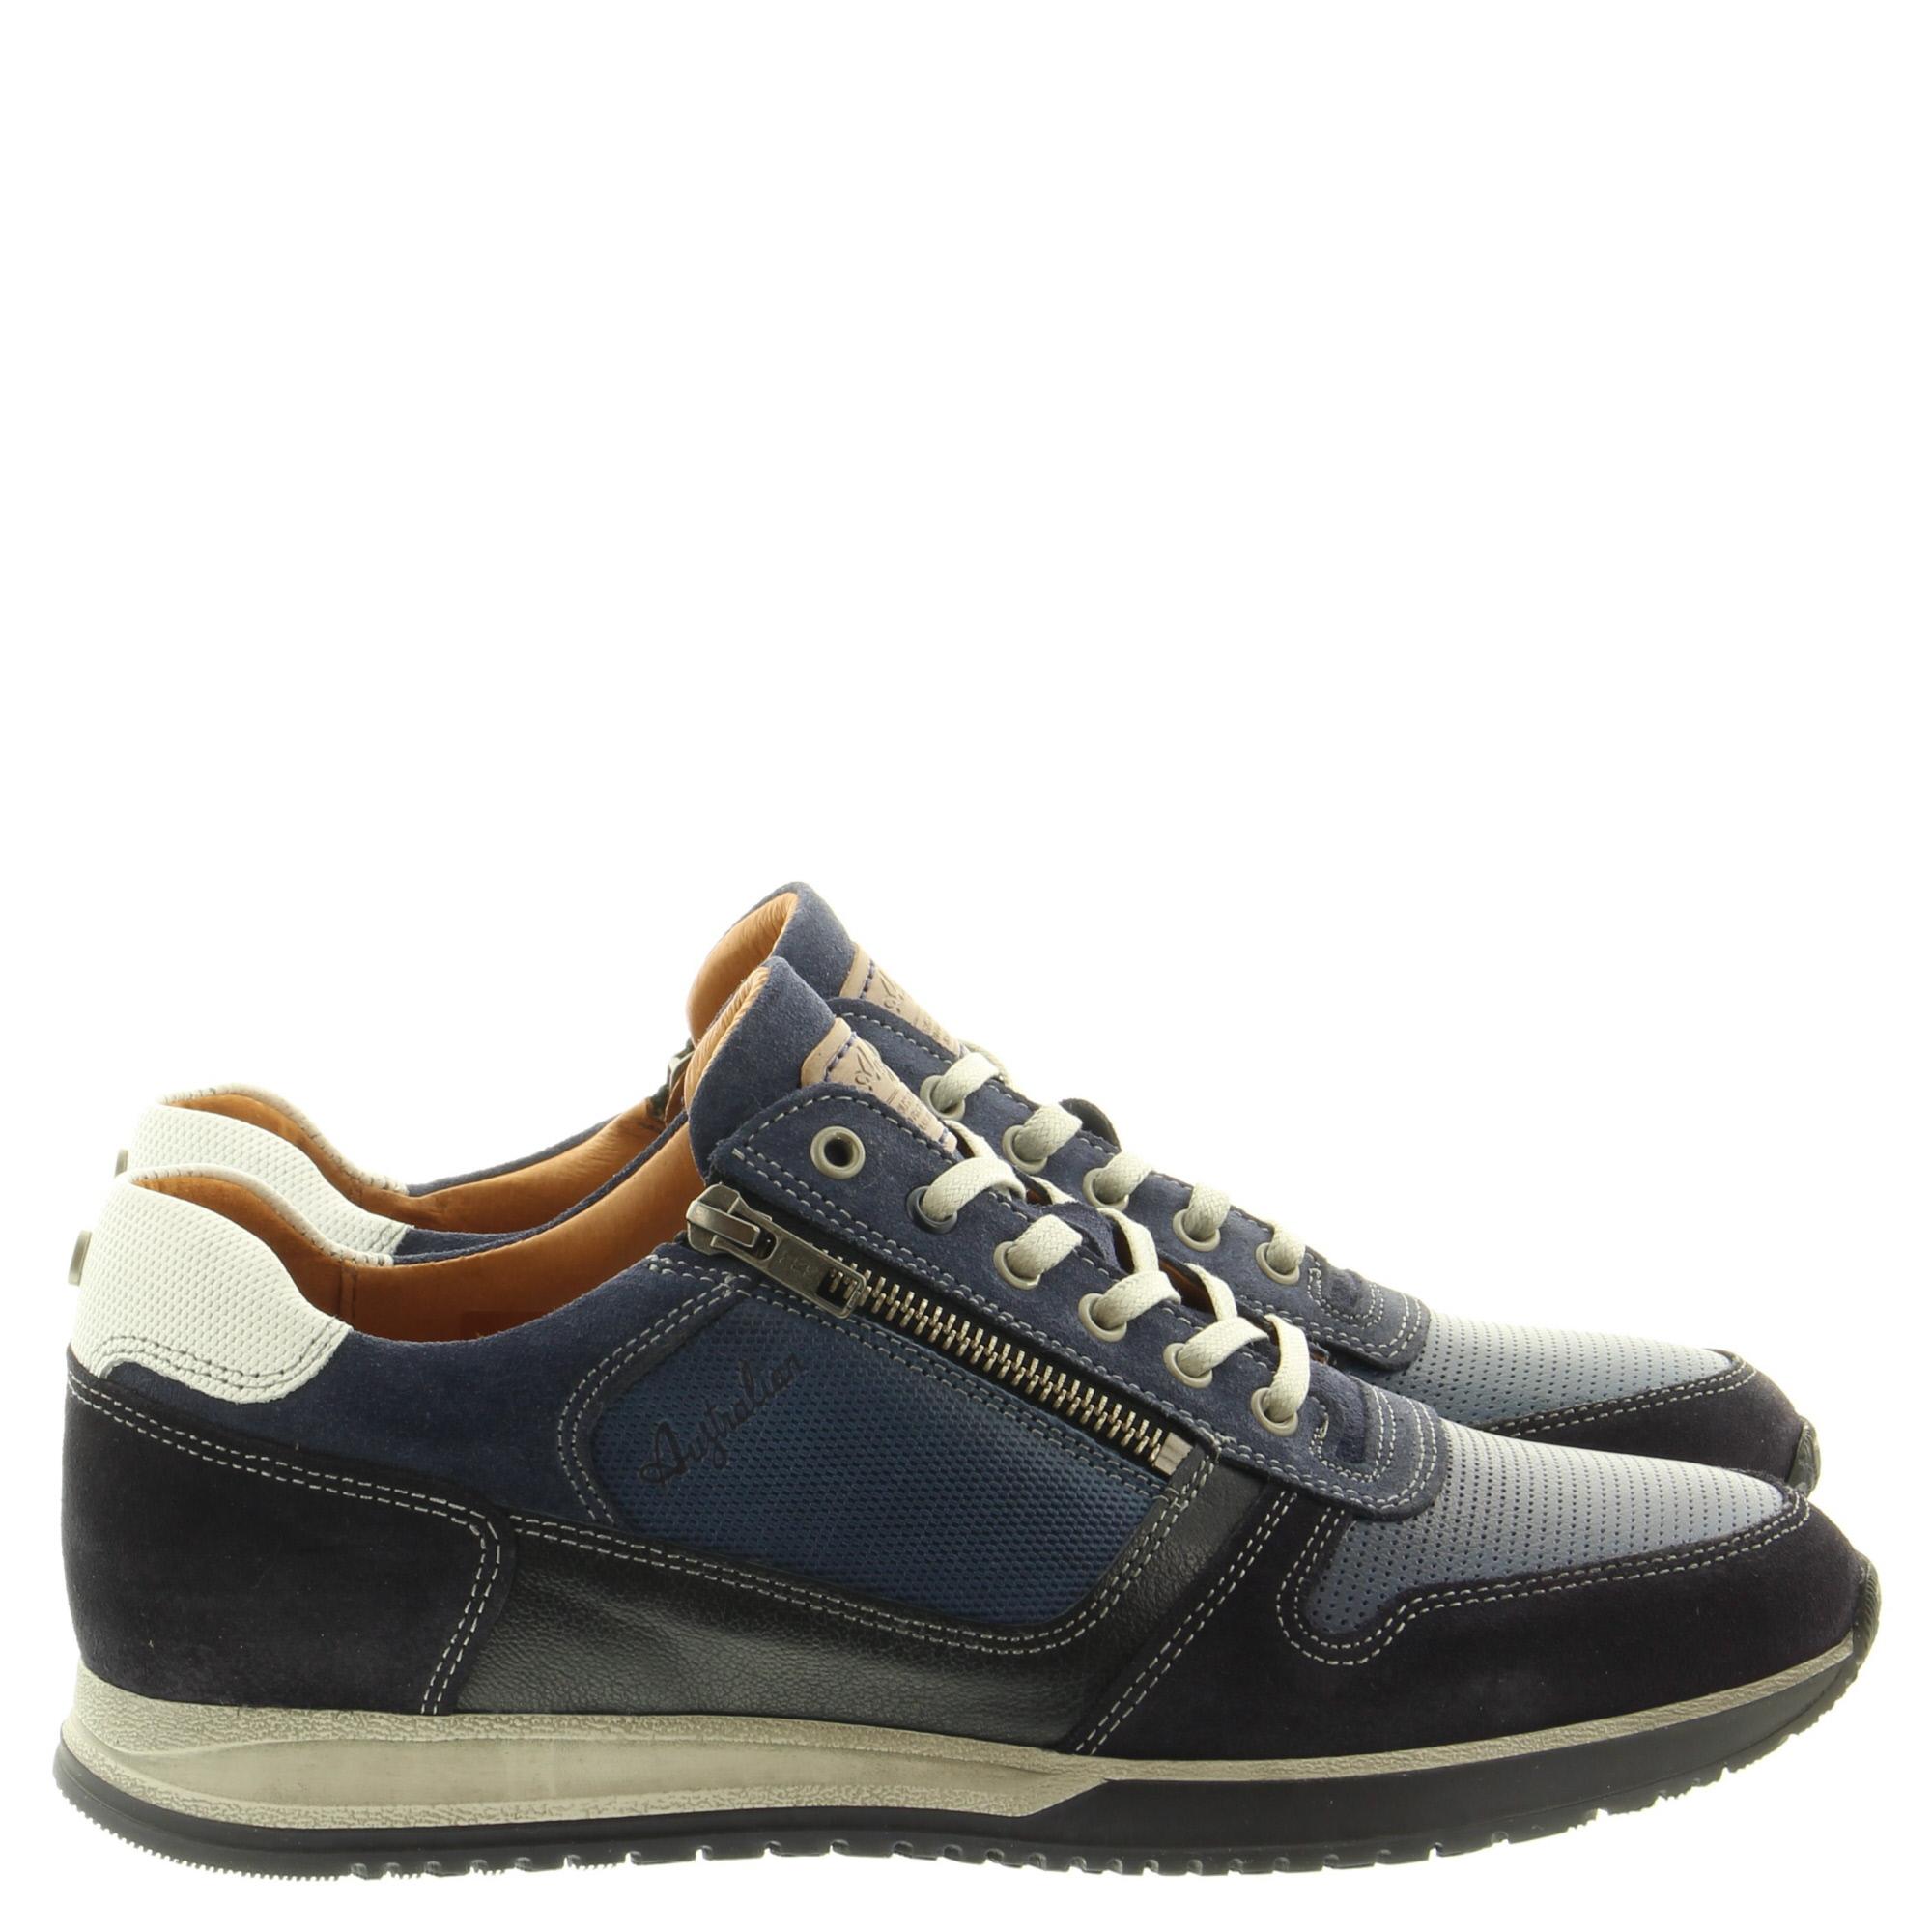 Australian Footwear Browning 15.1473.01 S00 Blue